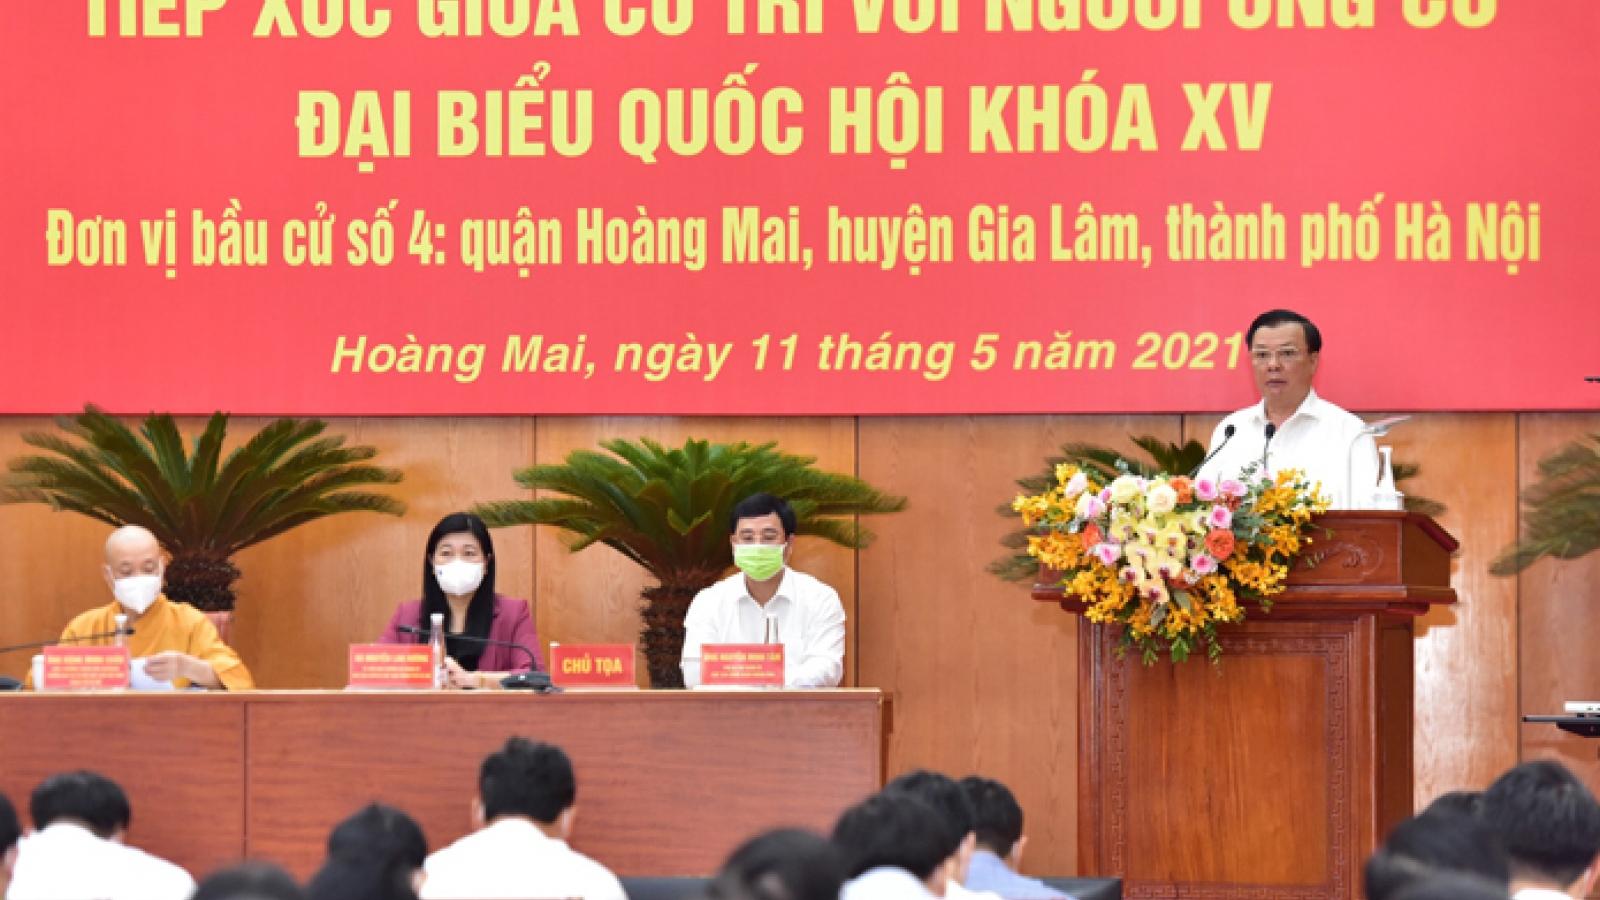 Bí thư Thành ủy Hà Nội tiếp xúc cử tri quận Hoàng Mai, huyện Gia Lâm